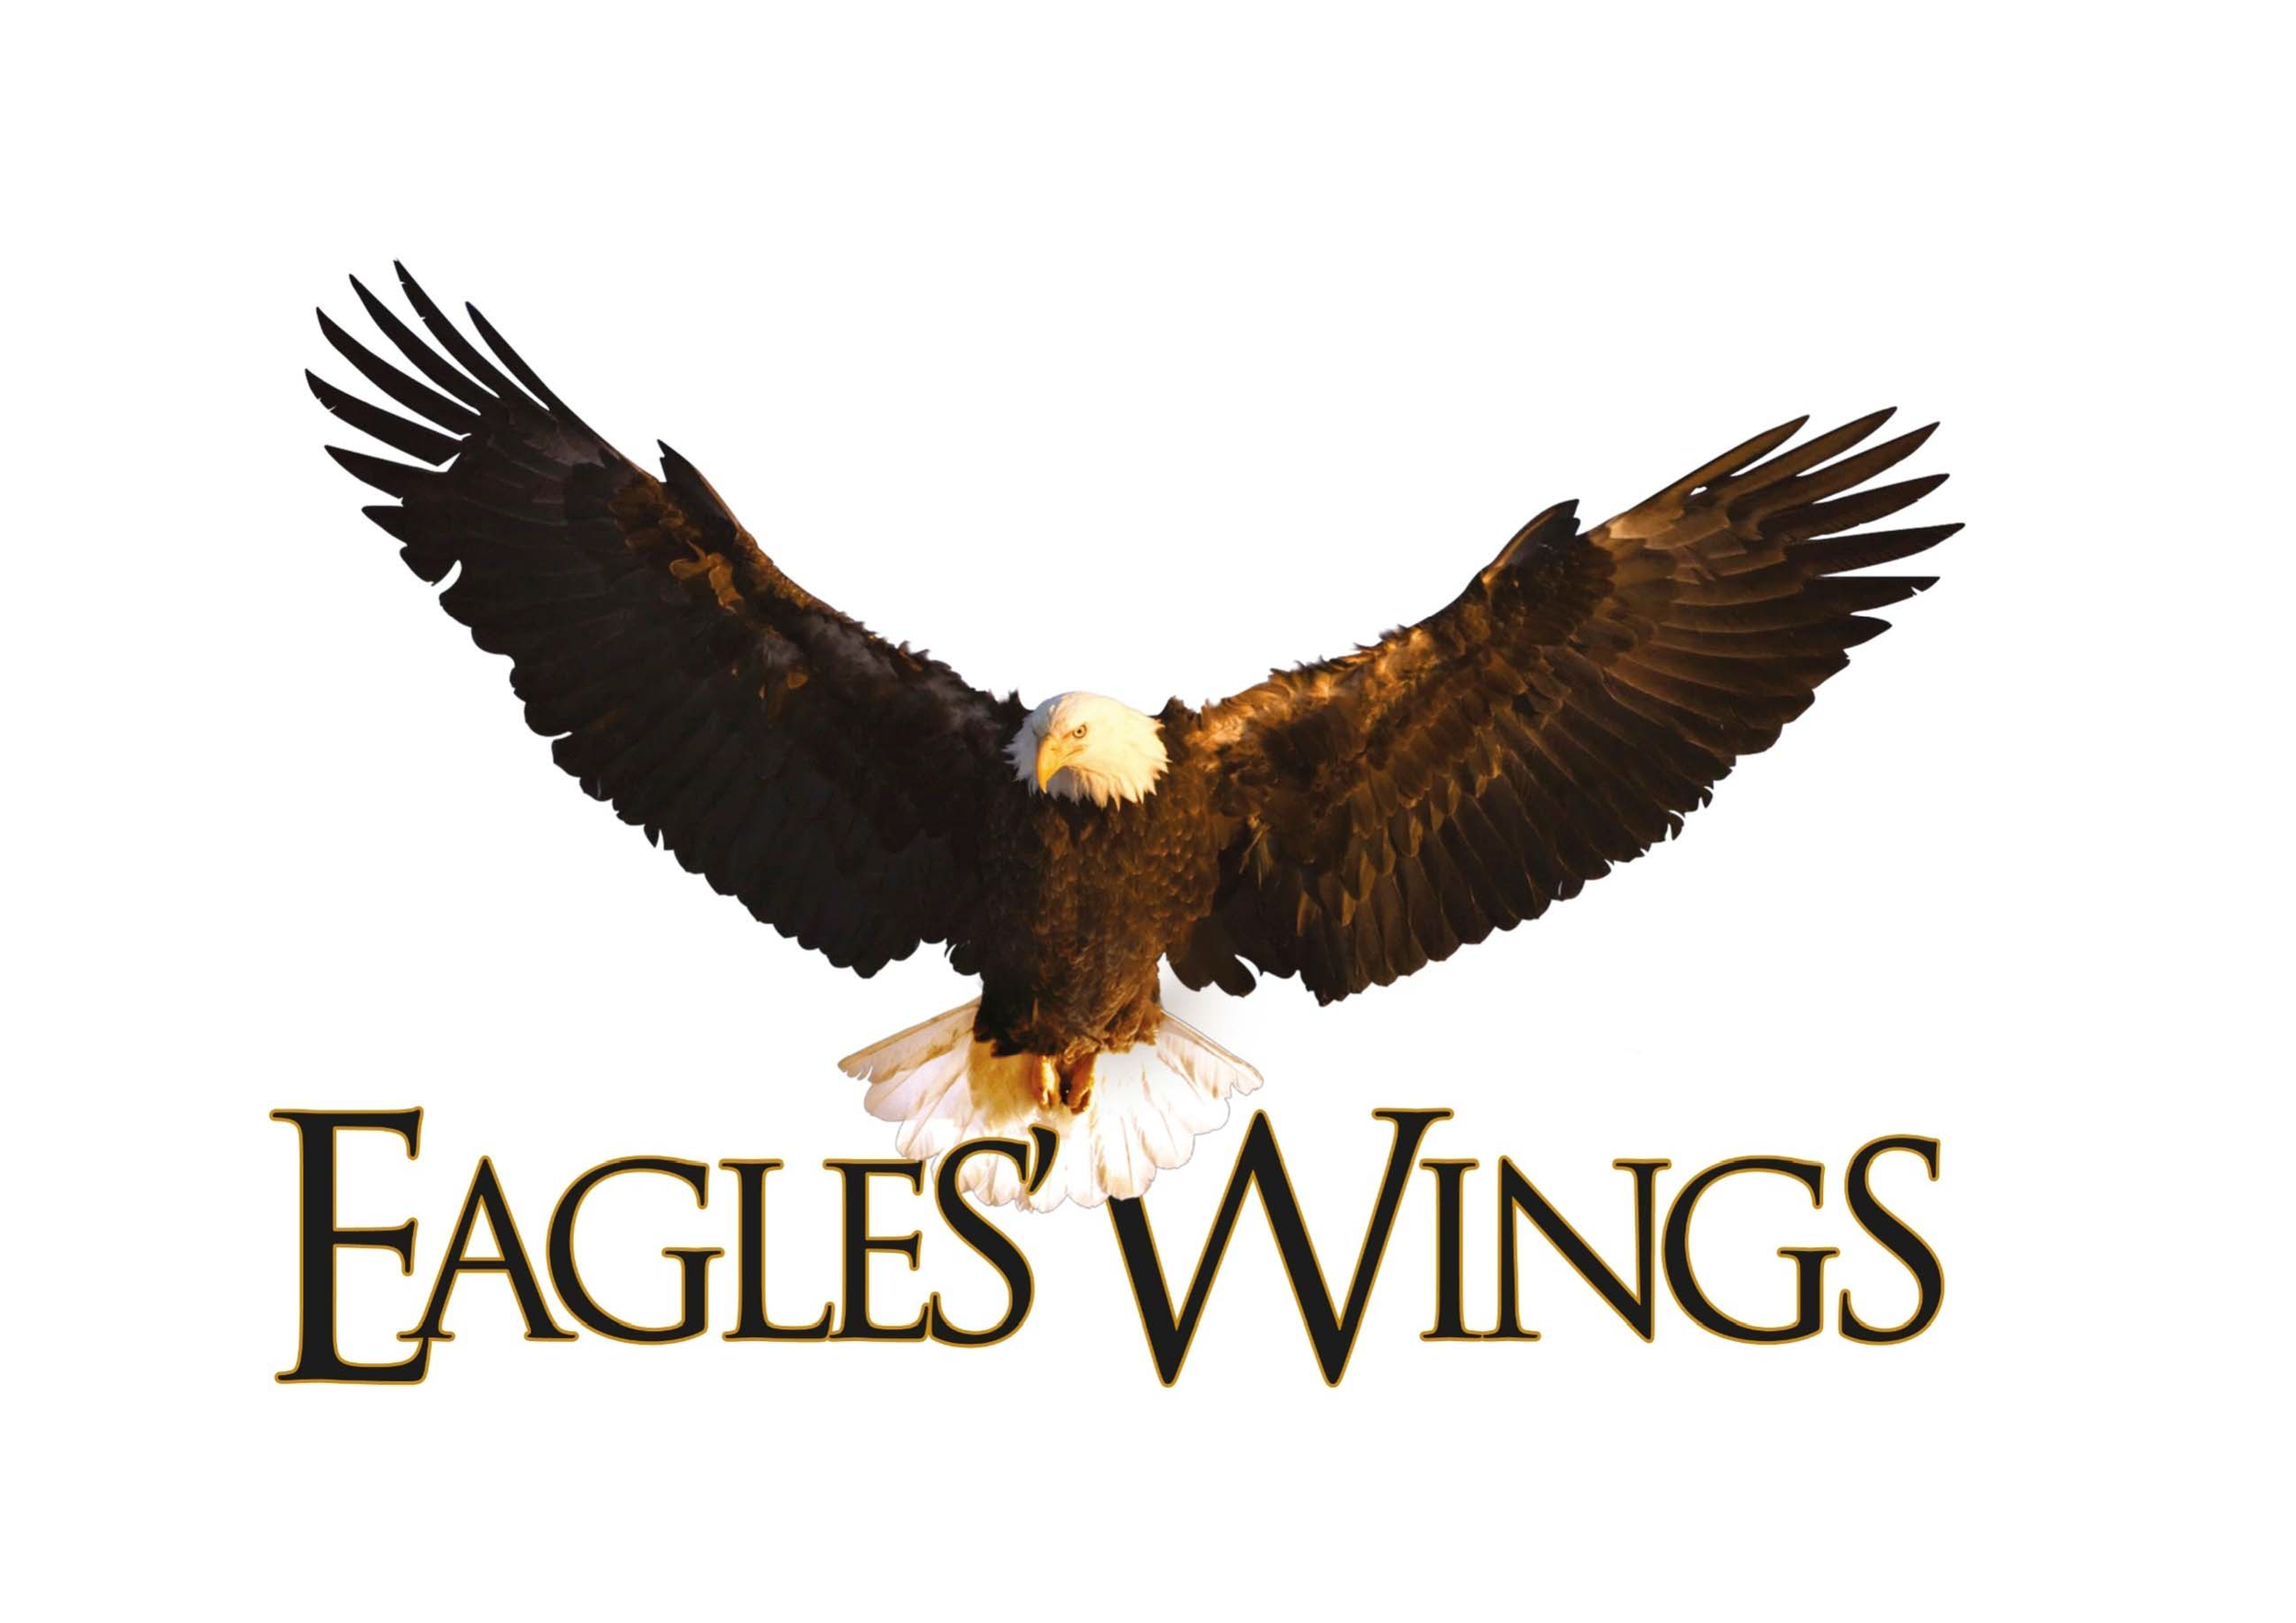 EaglesWings.png